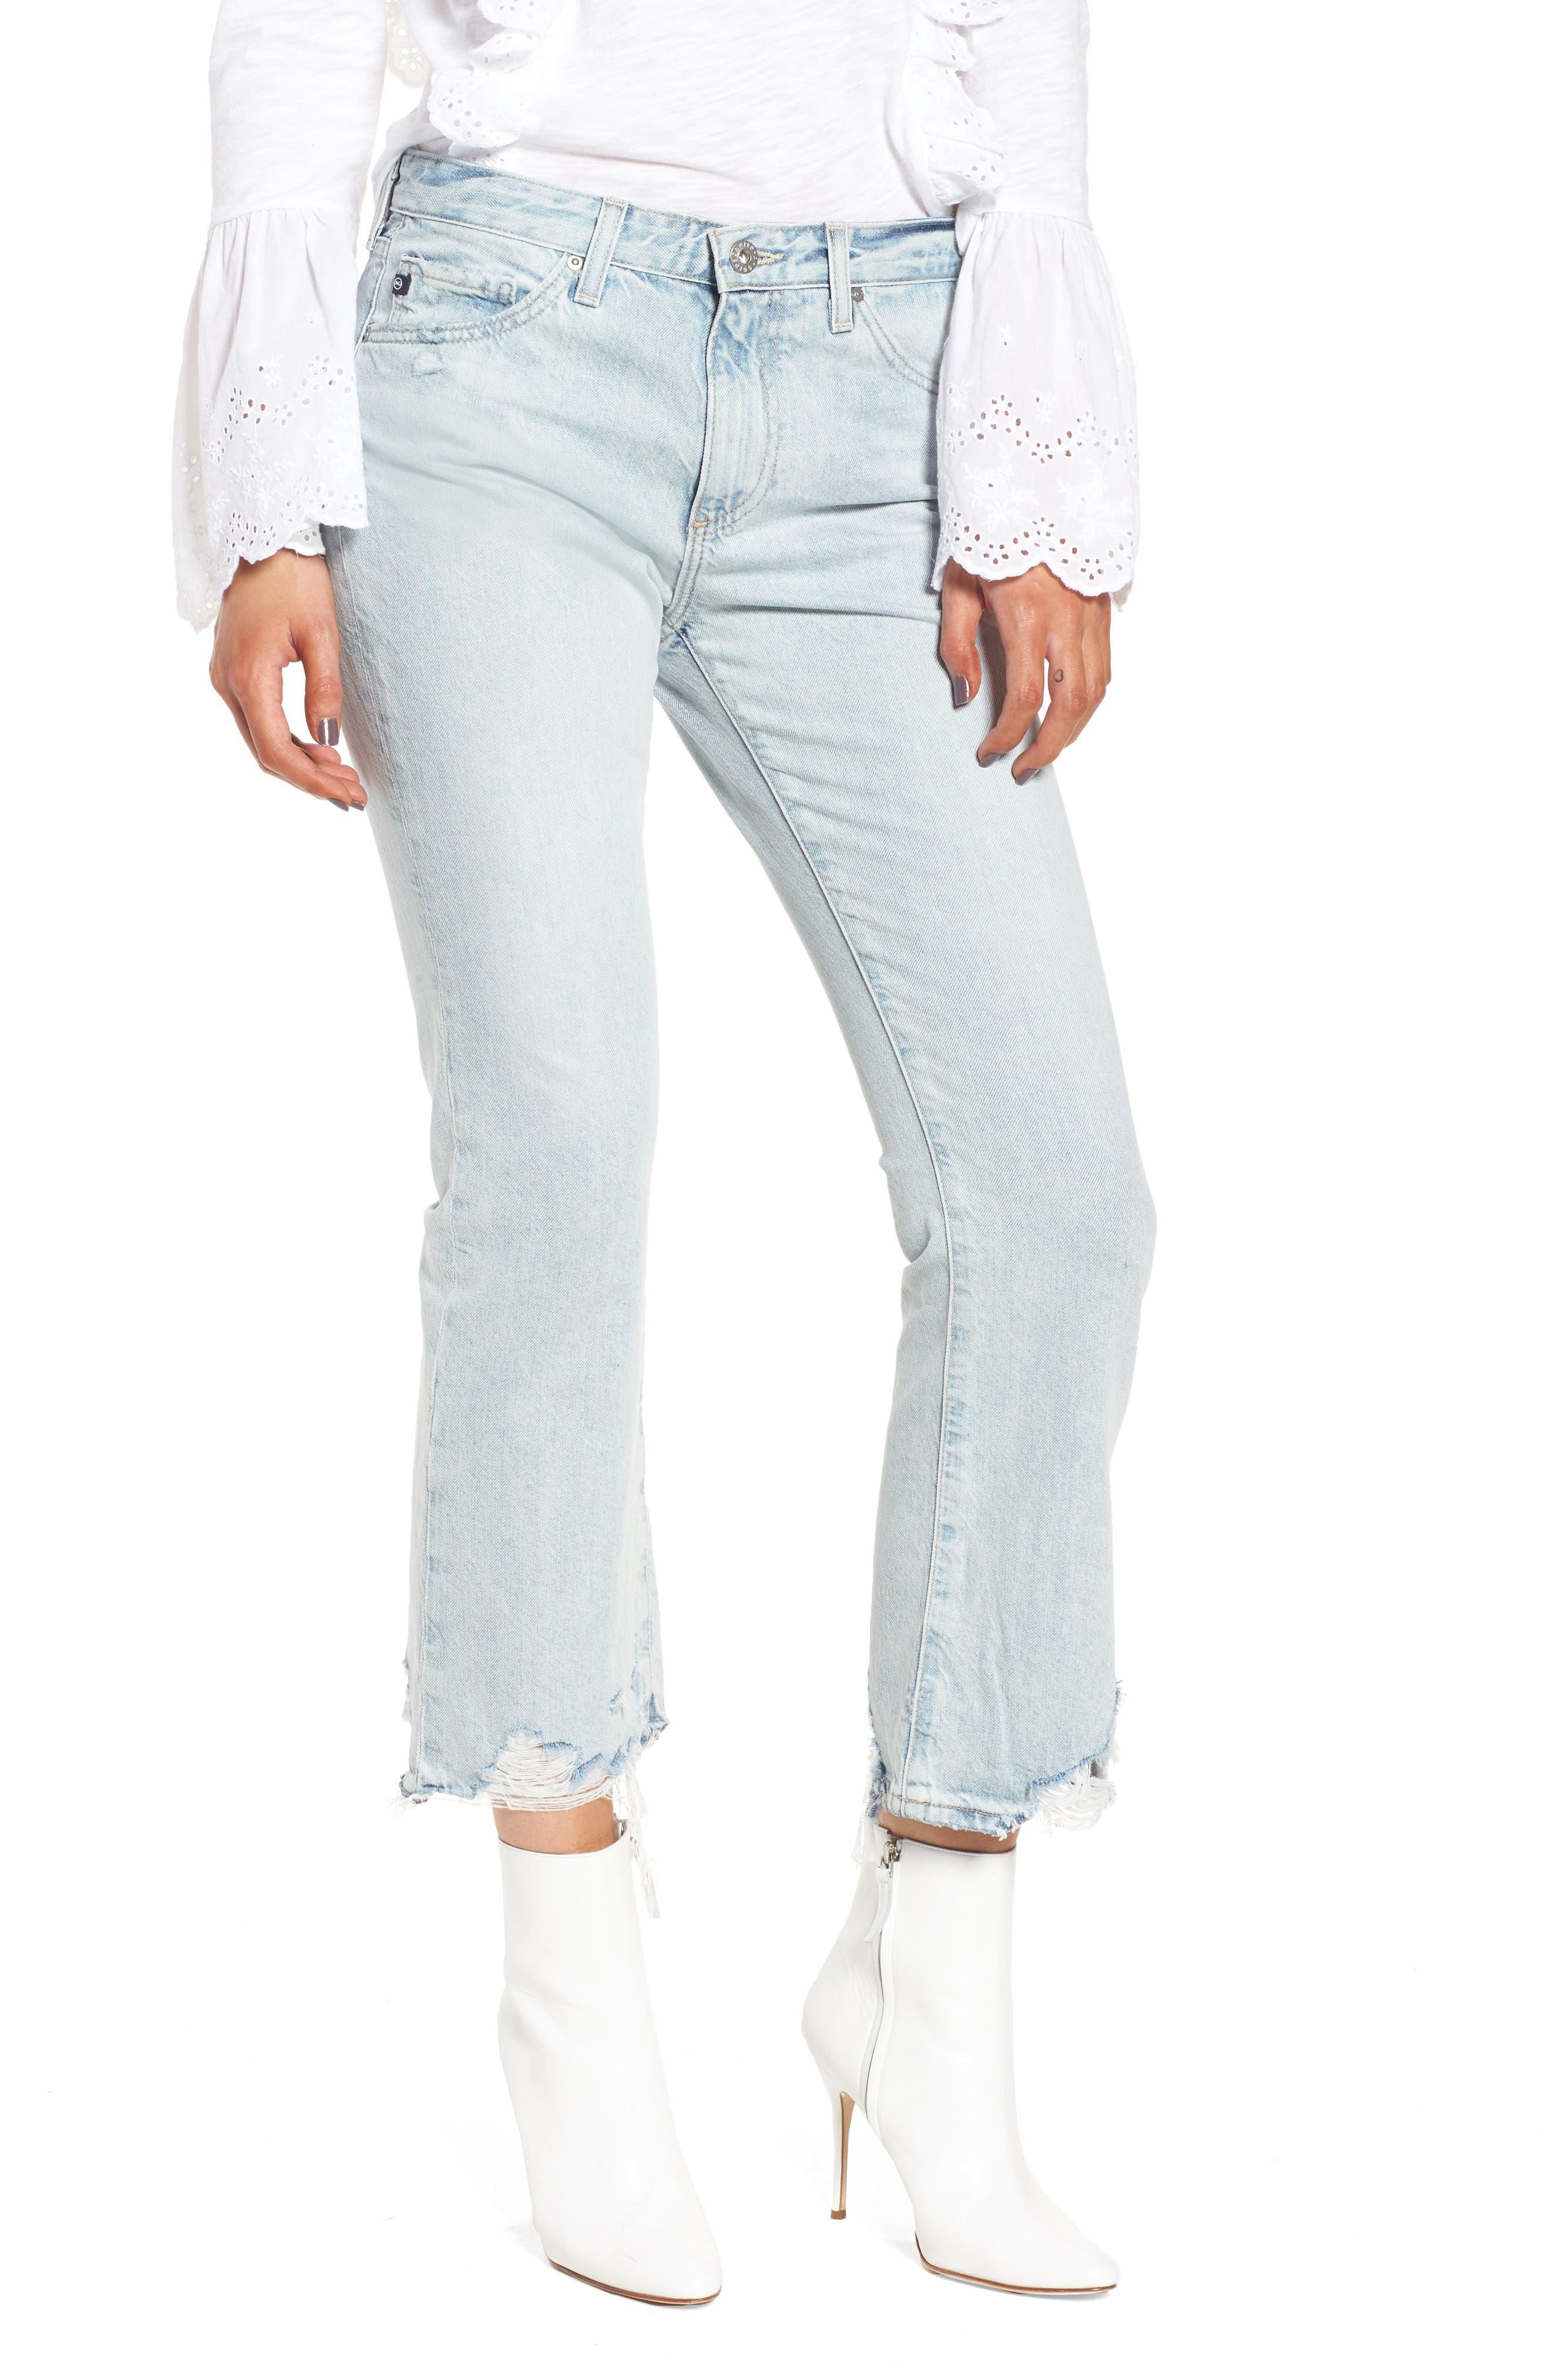 Jeans Jodi Crop Jeans,                         Main,                         color, Bering Wave